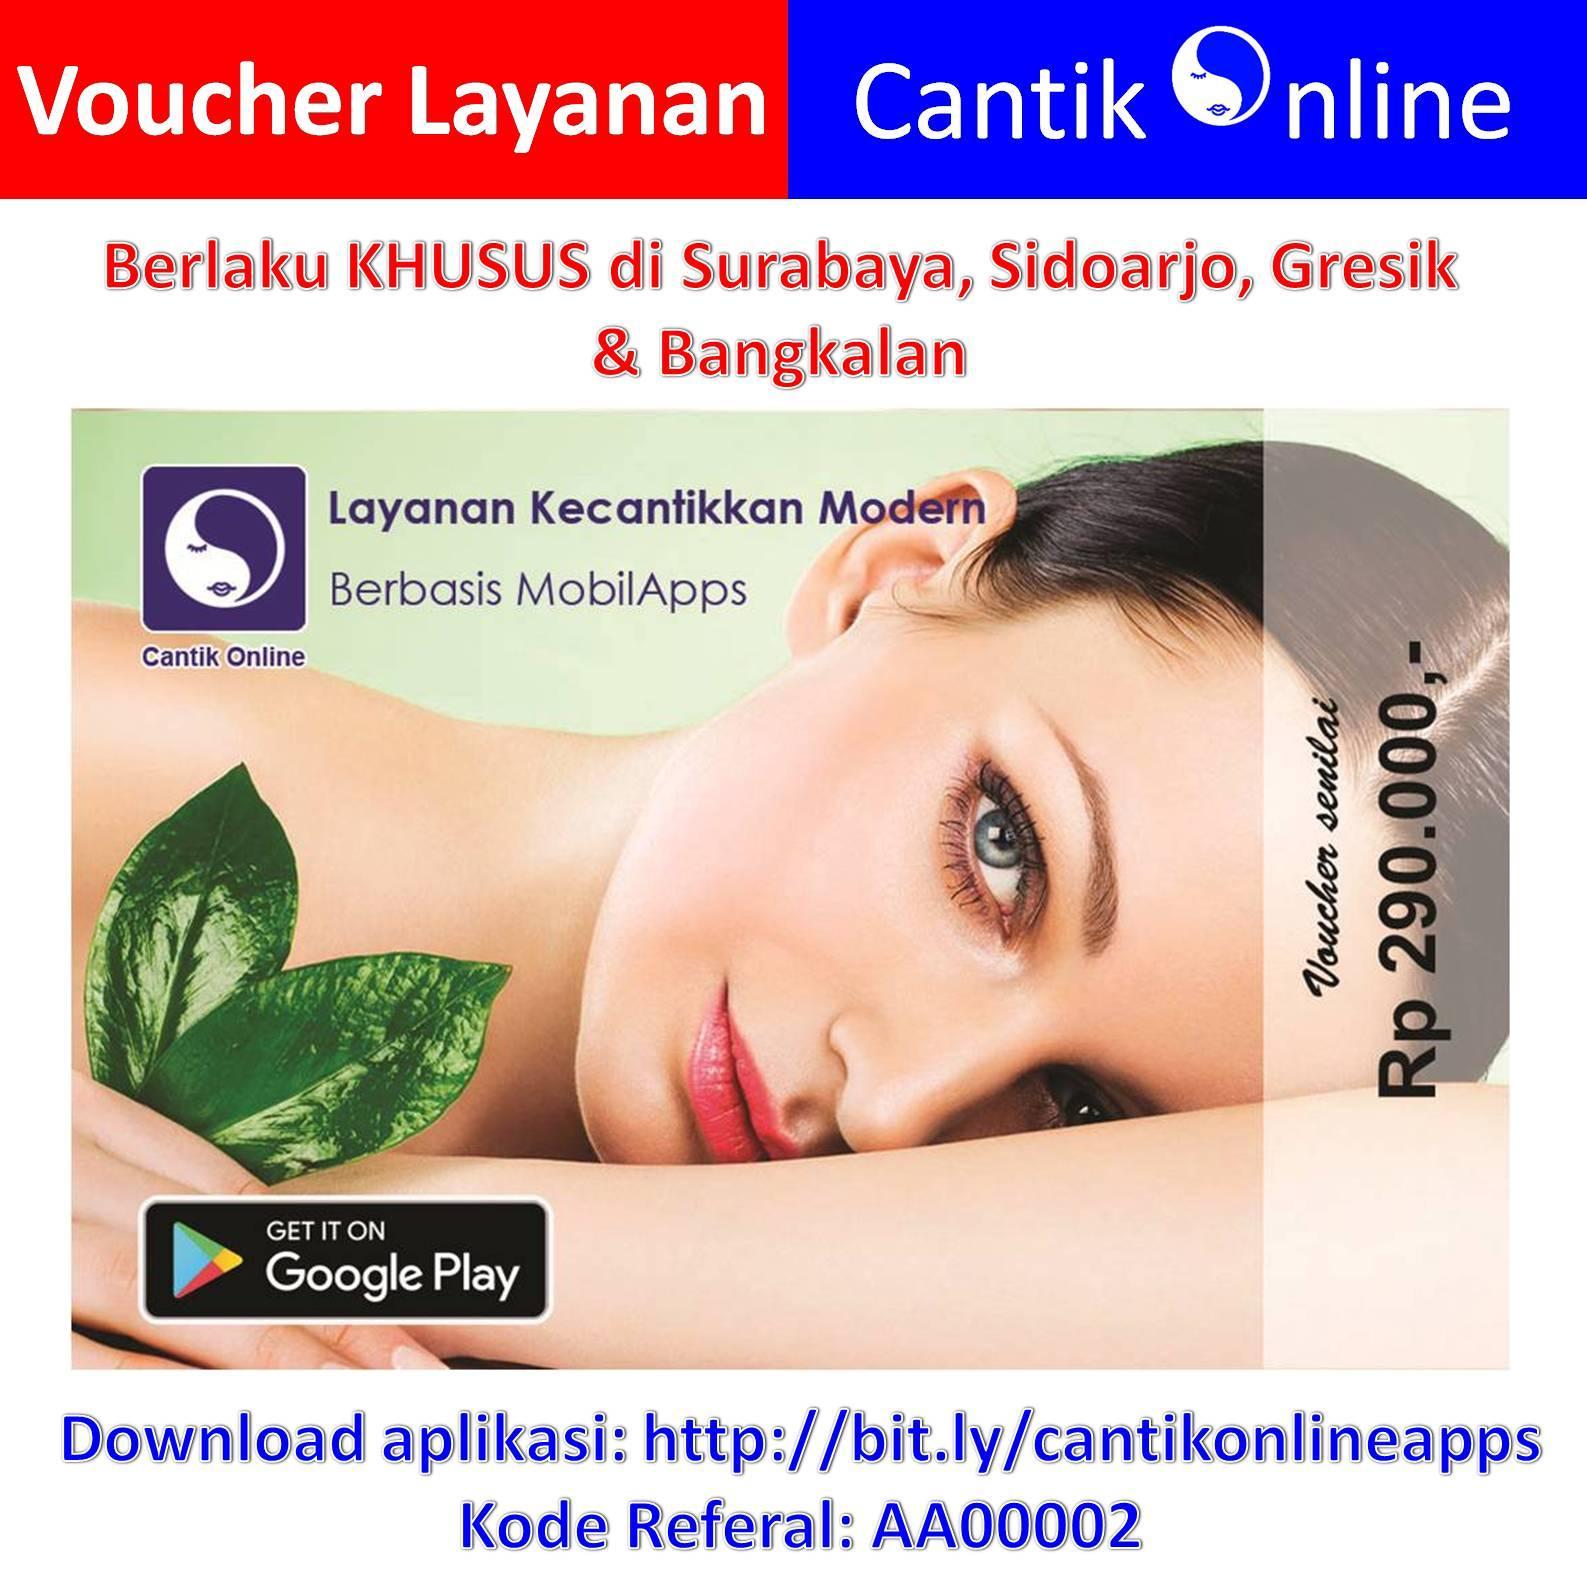 Voucher Terapi Cantik Online / Paket Reguler khusus Surabaya, Sidoarjo, Gresik & Bangkalan